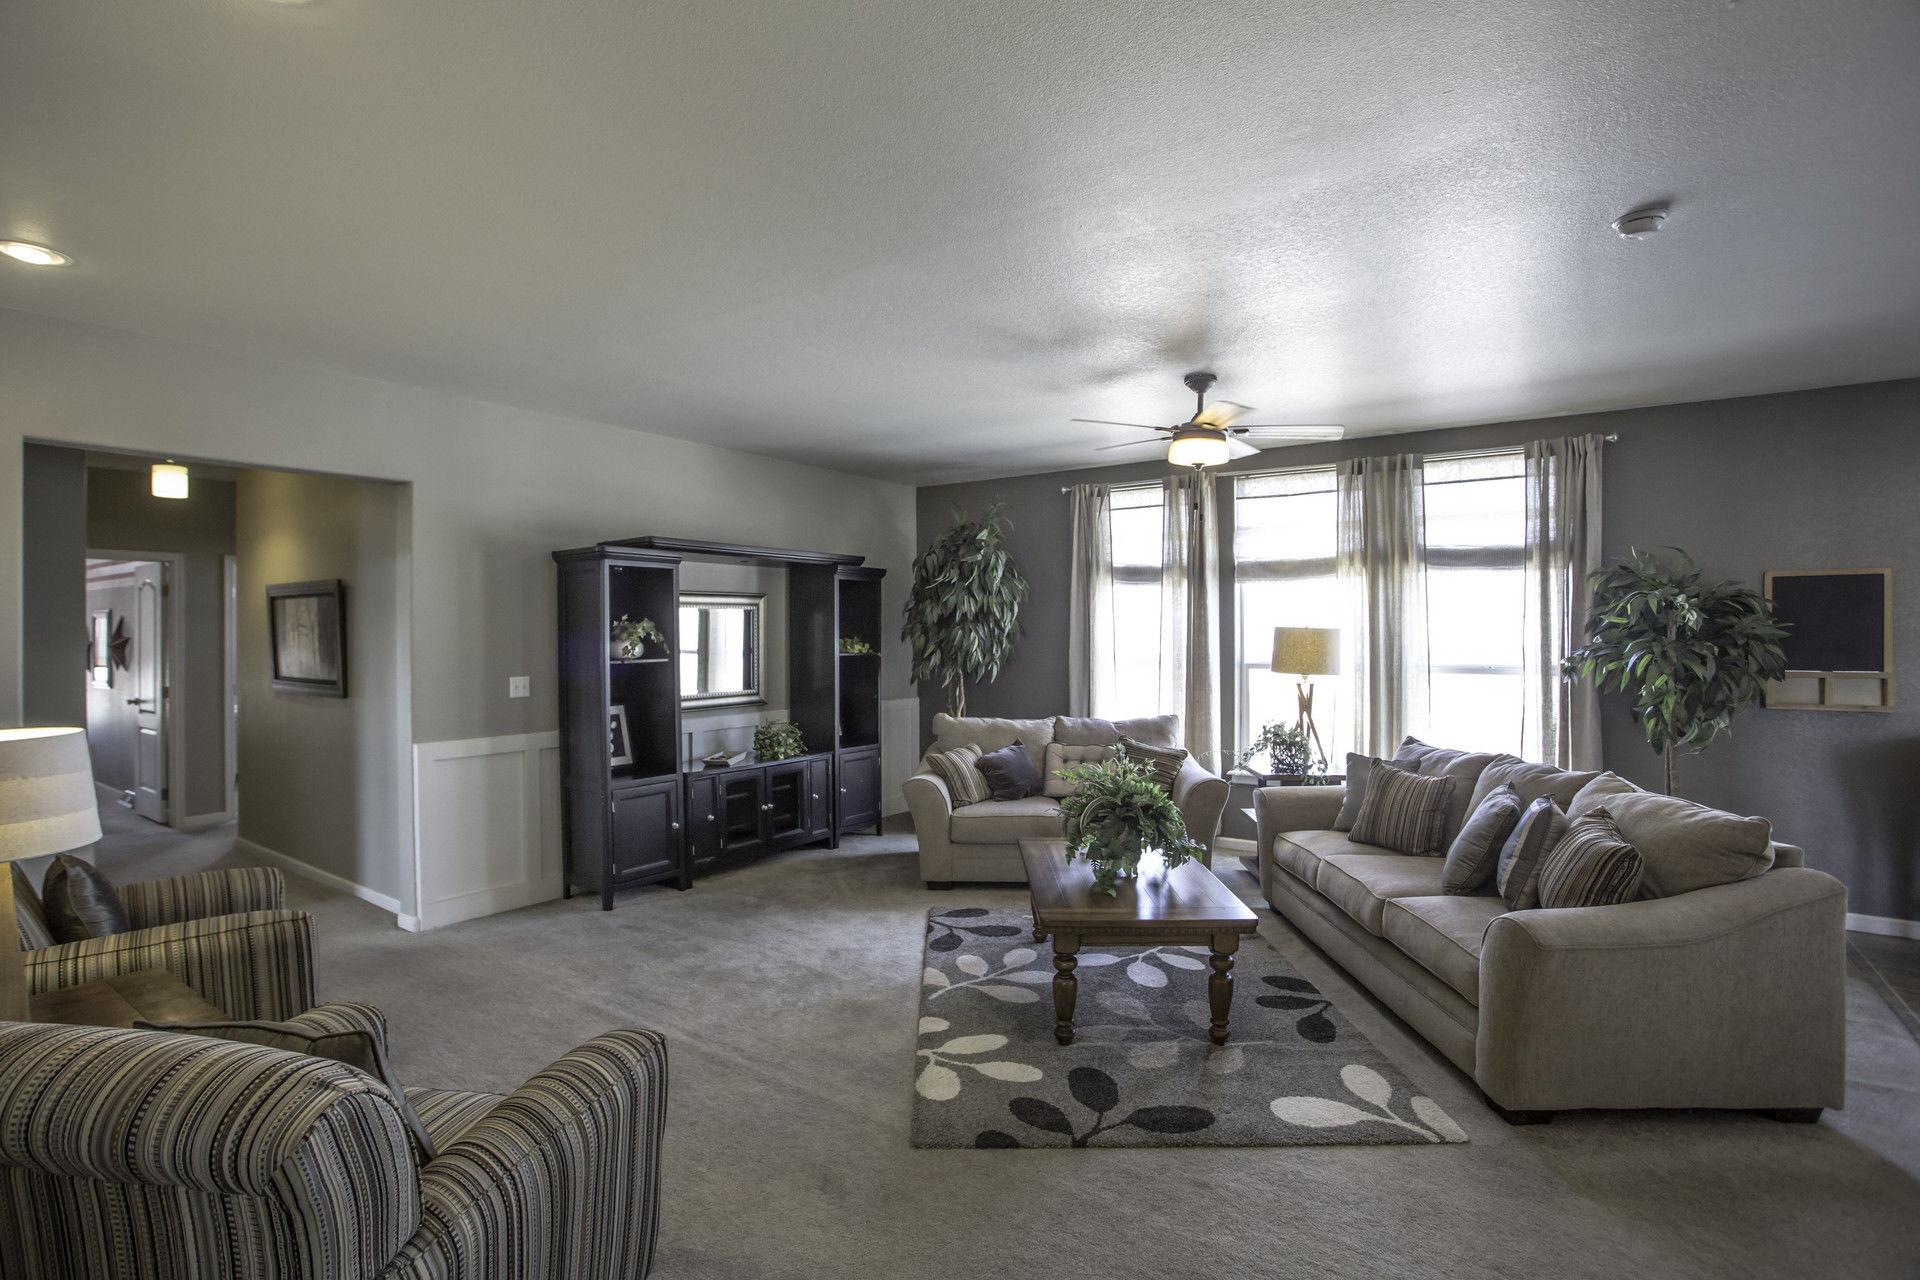 Modular Homes Nebraska >> Karsten (Albuquerque) 3 Bedroom Manufactured Home Karsten RC38 for $152900 | Model K4072A from ...